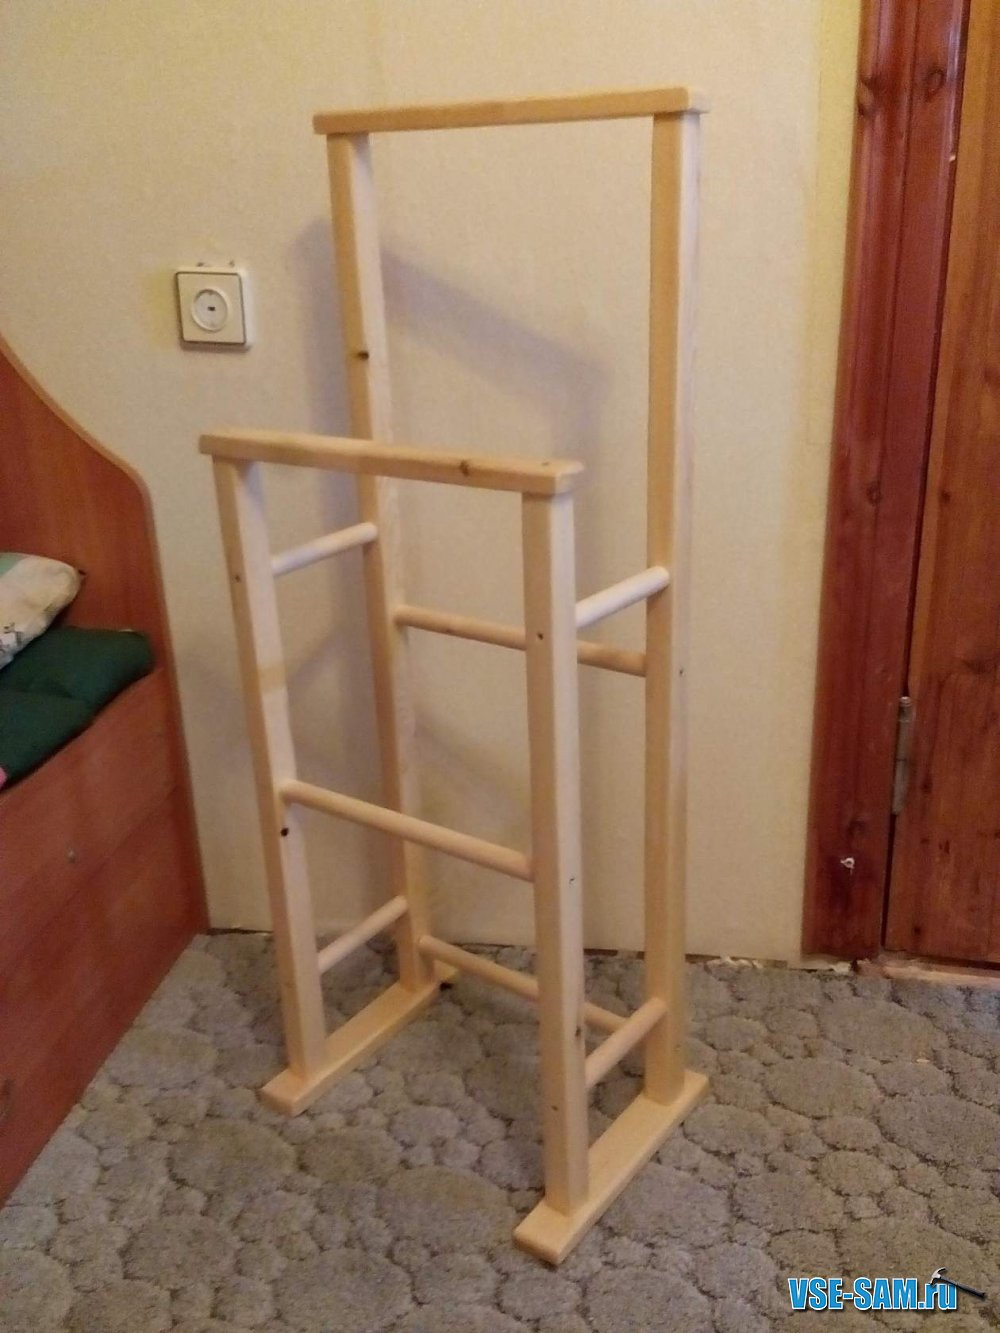 Самодельная напольная вешалка для одежды